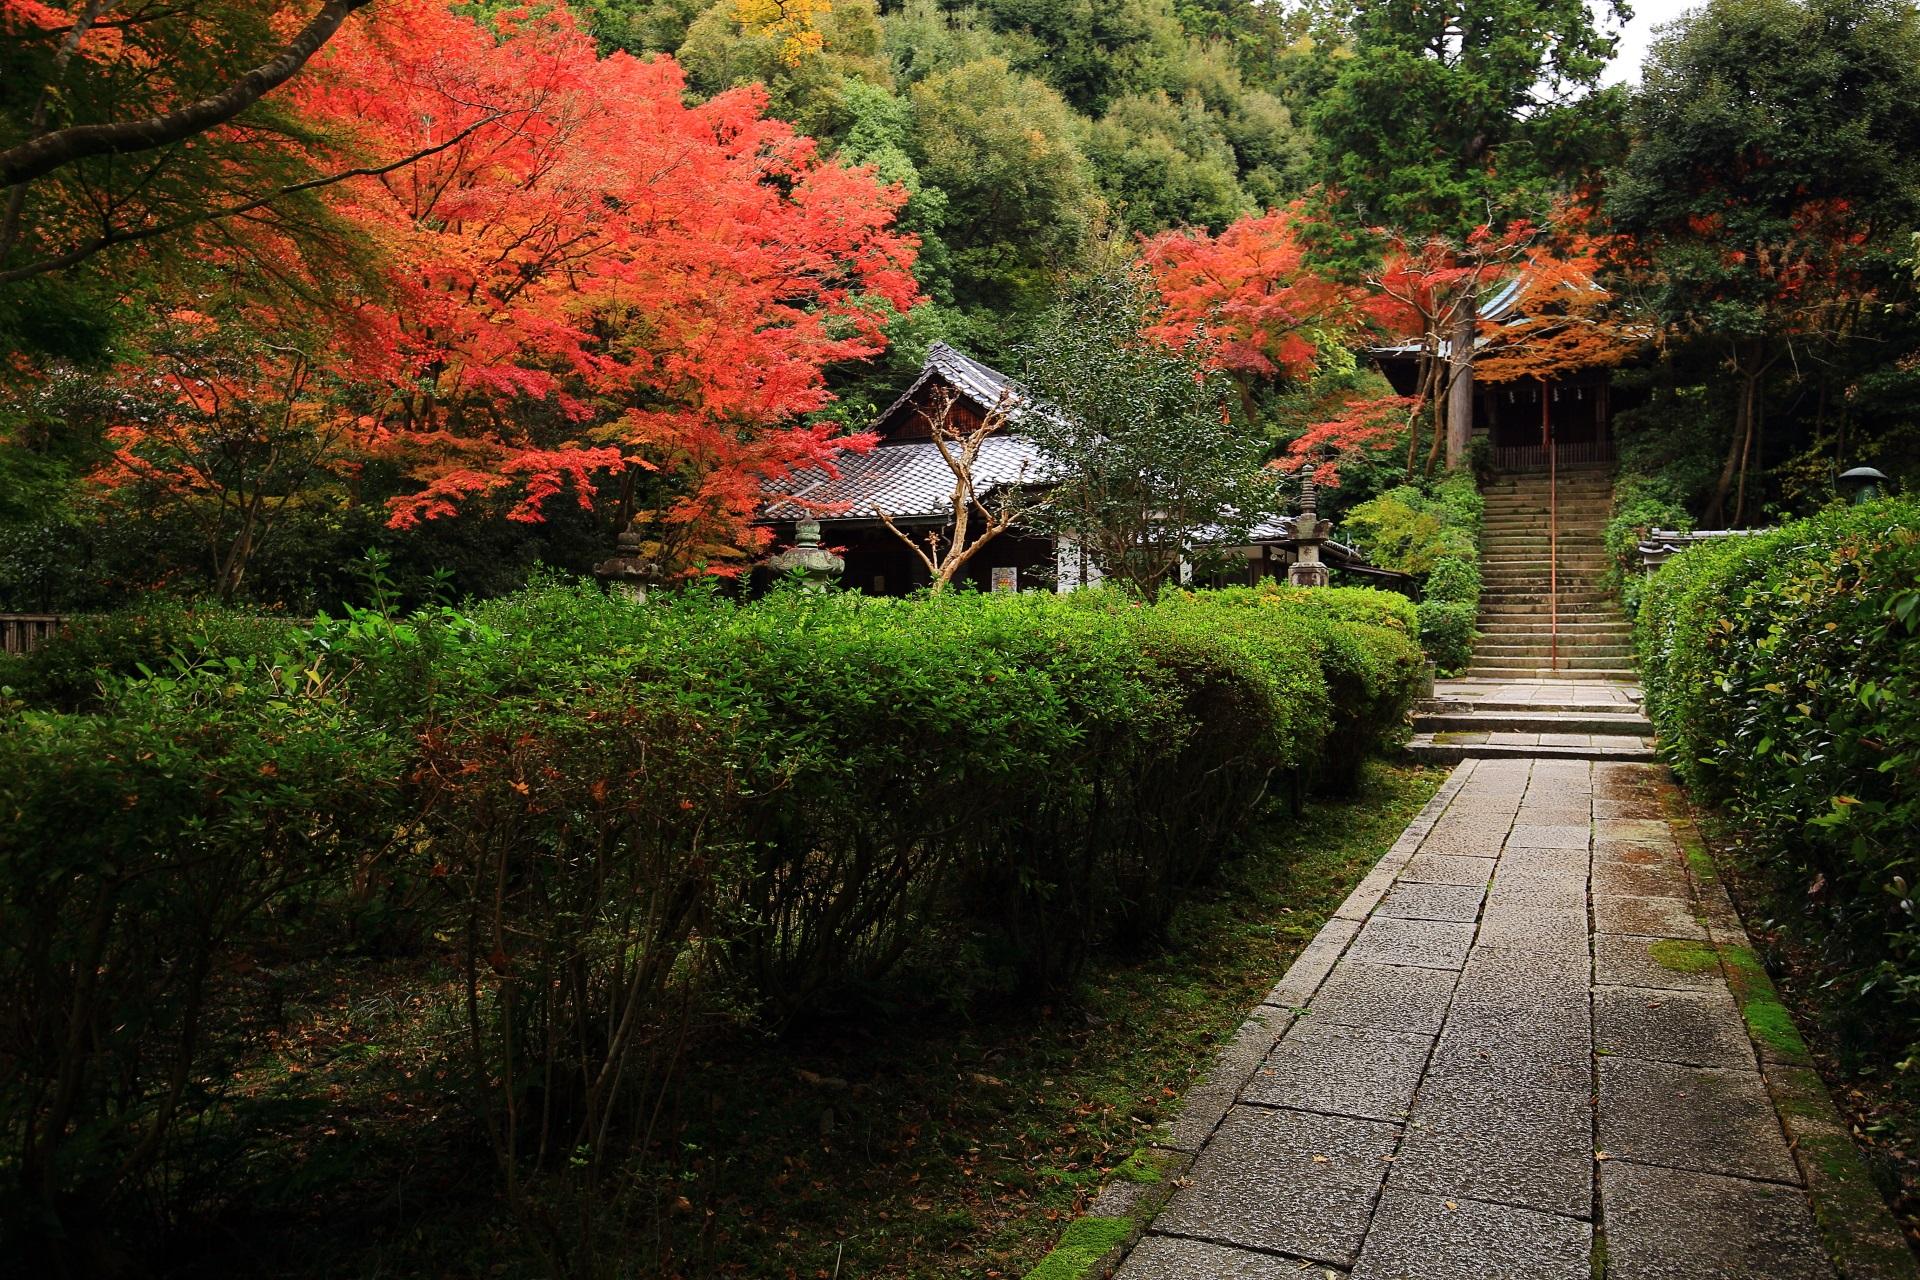 来迎院の鮮やかな紅葉に彩られる本堂と石段の上の荒神堂